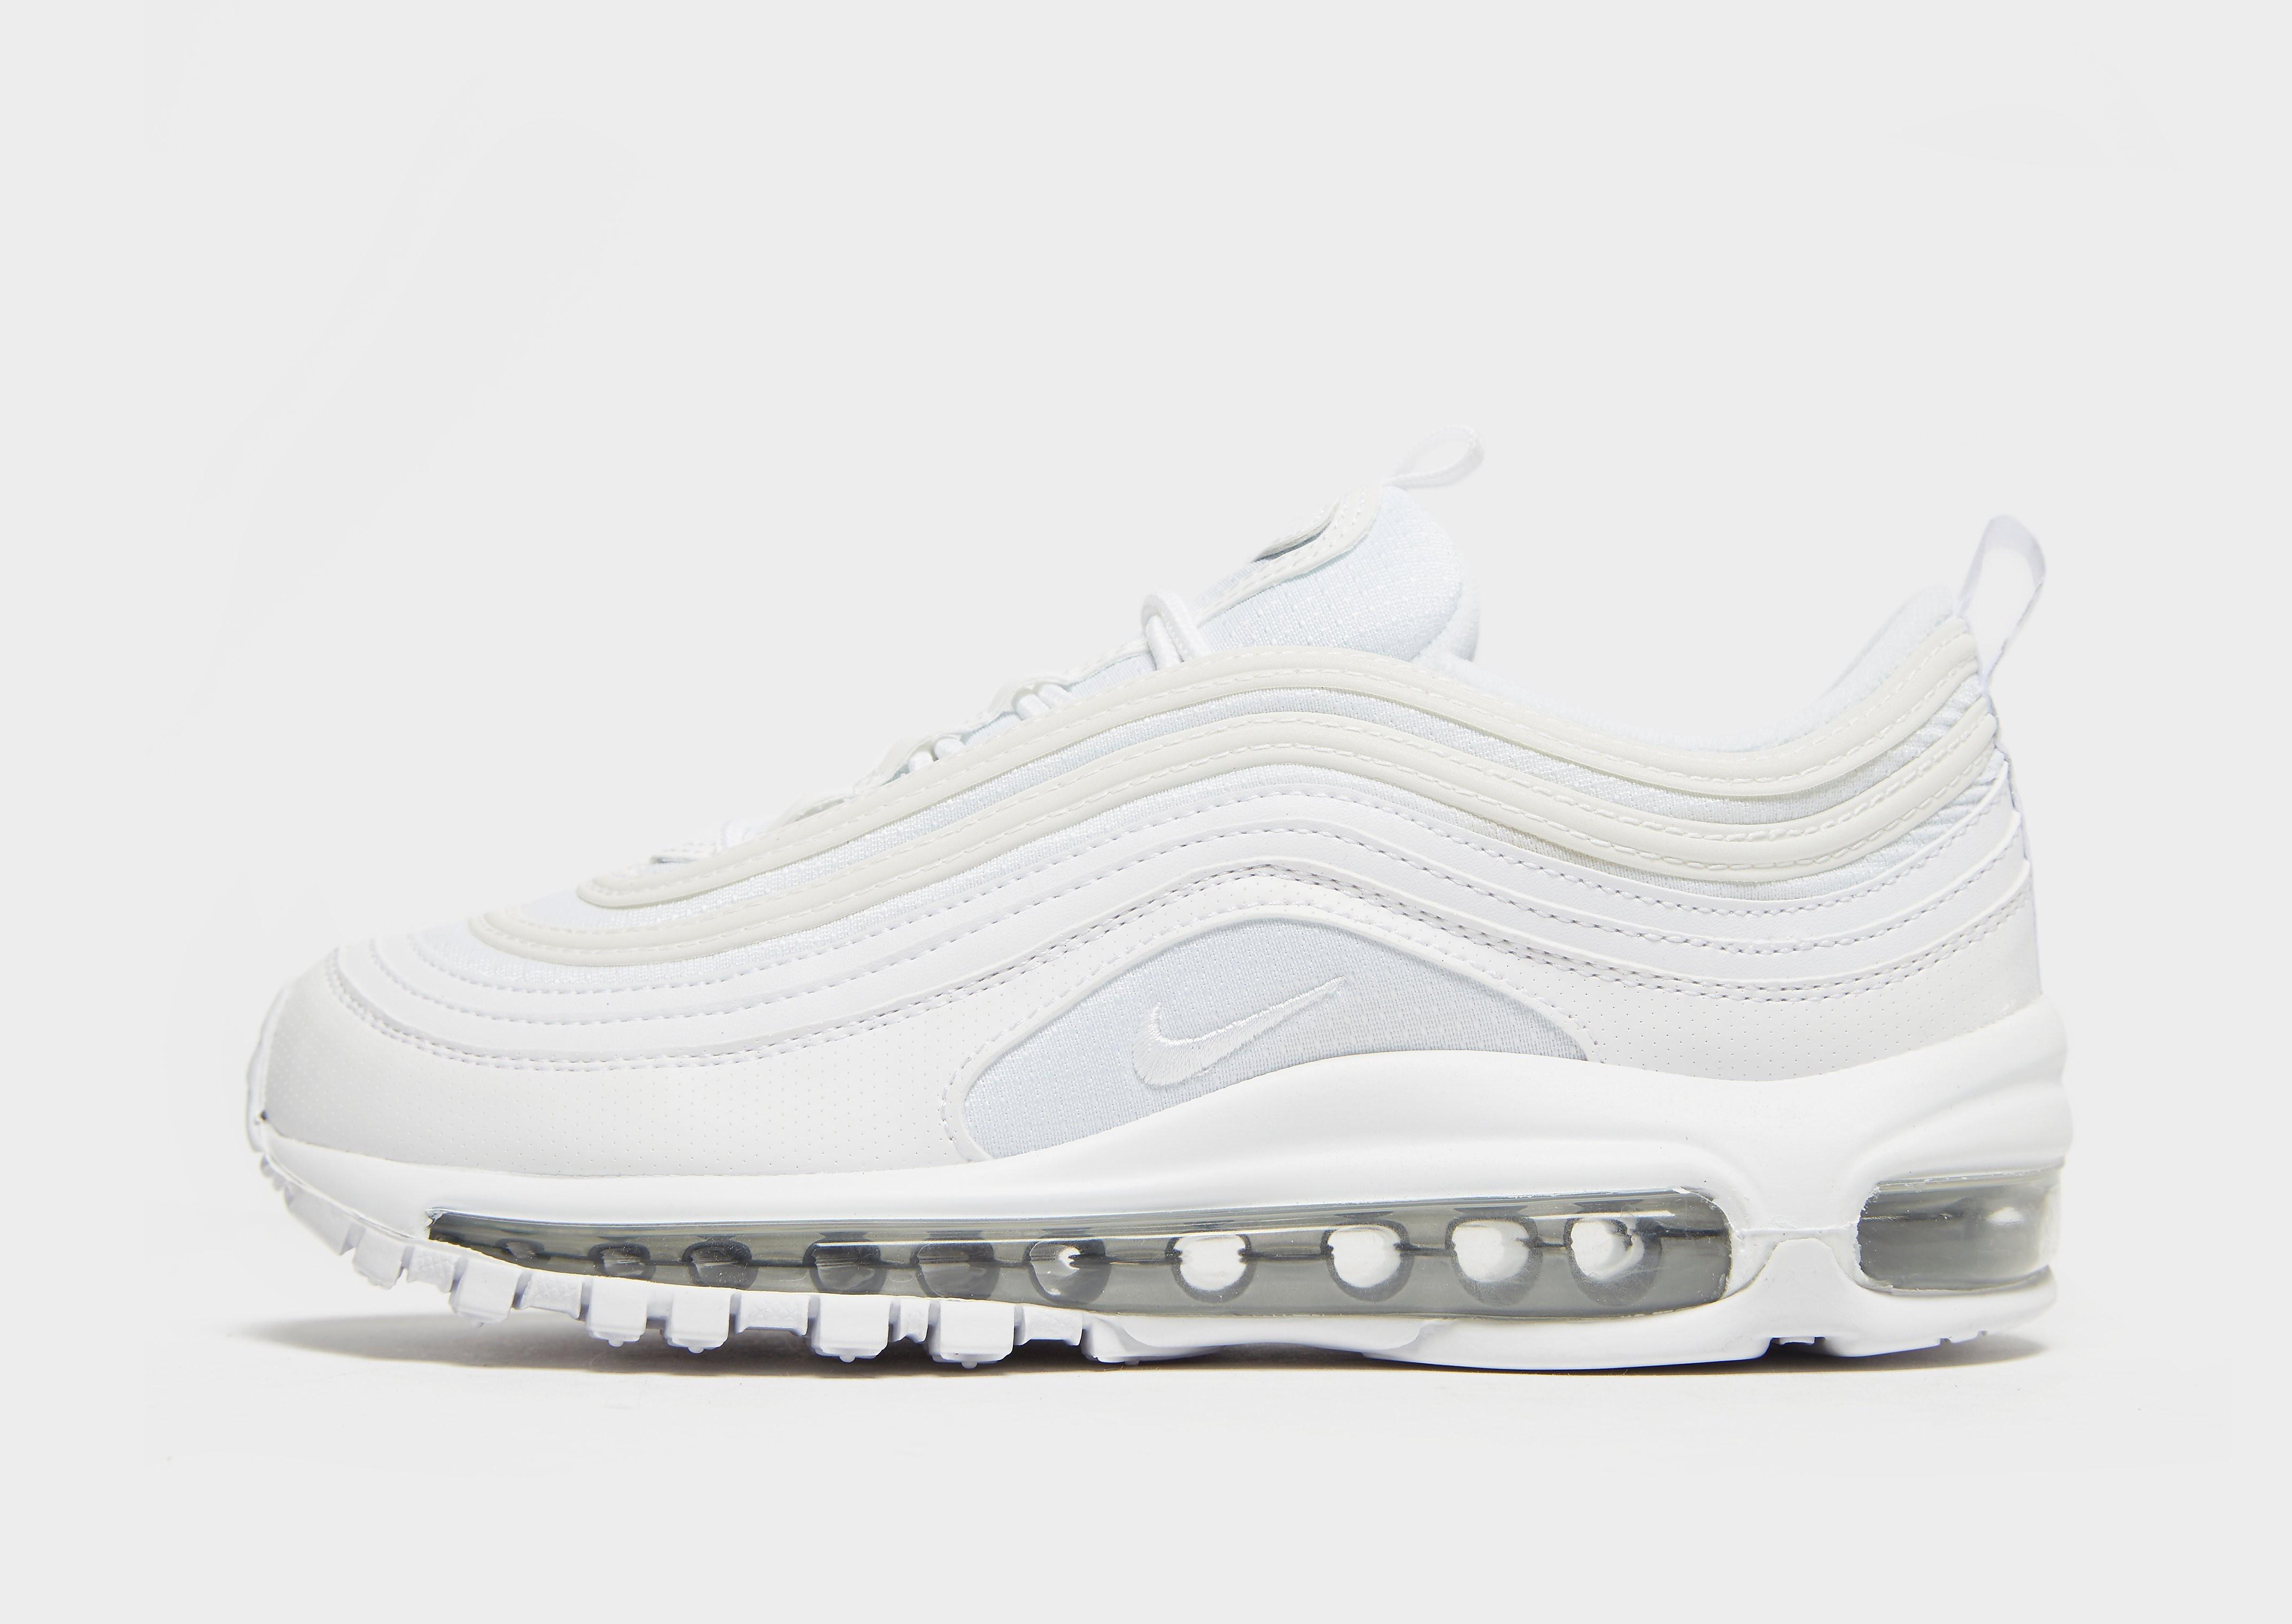 Nike Air Max 97 kindersneaker wit en zilver